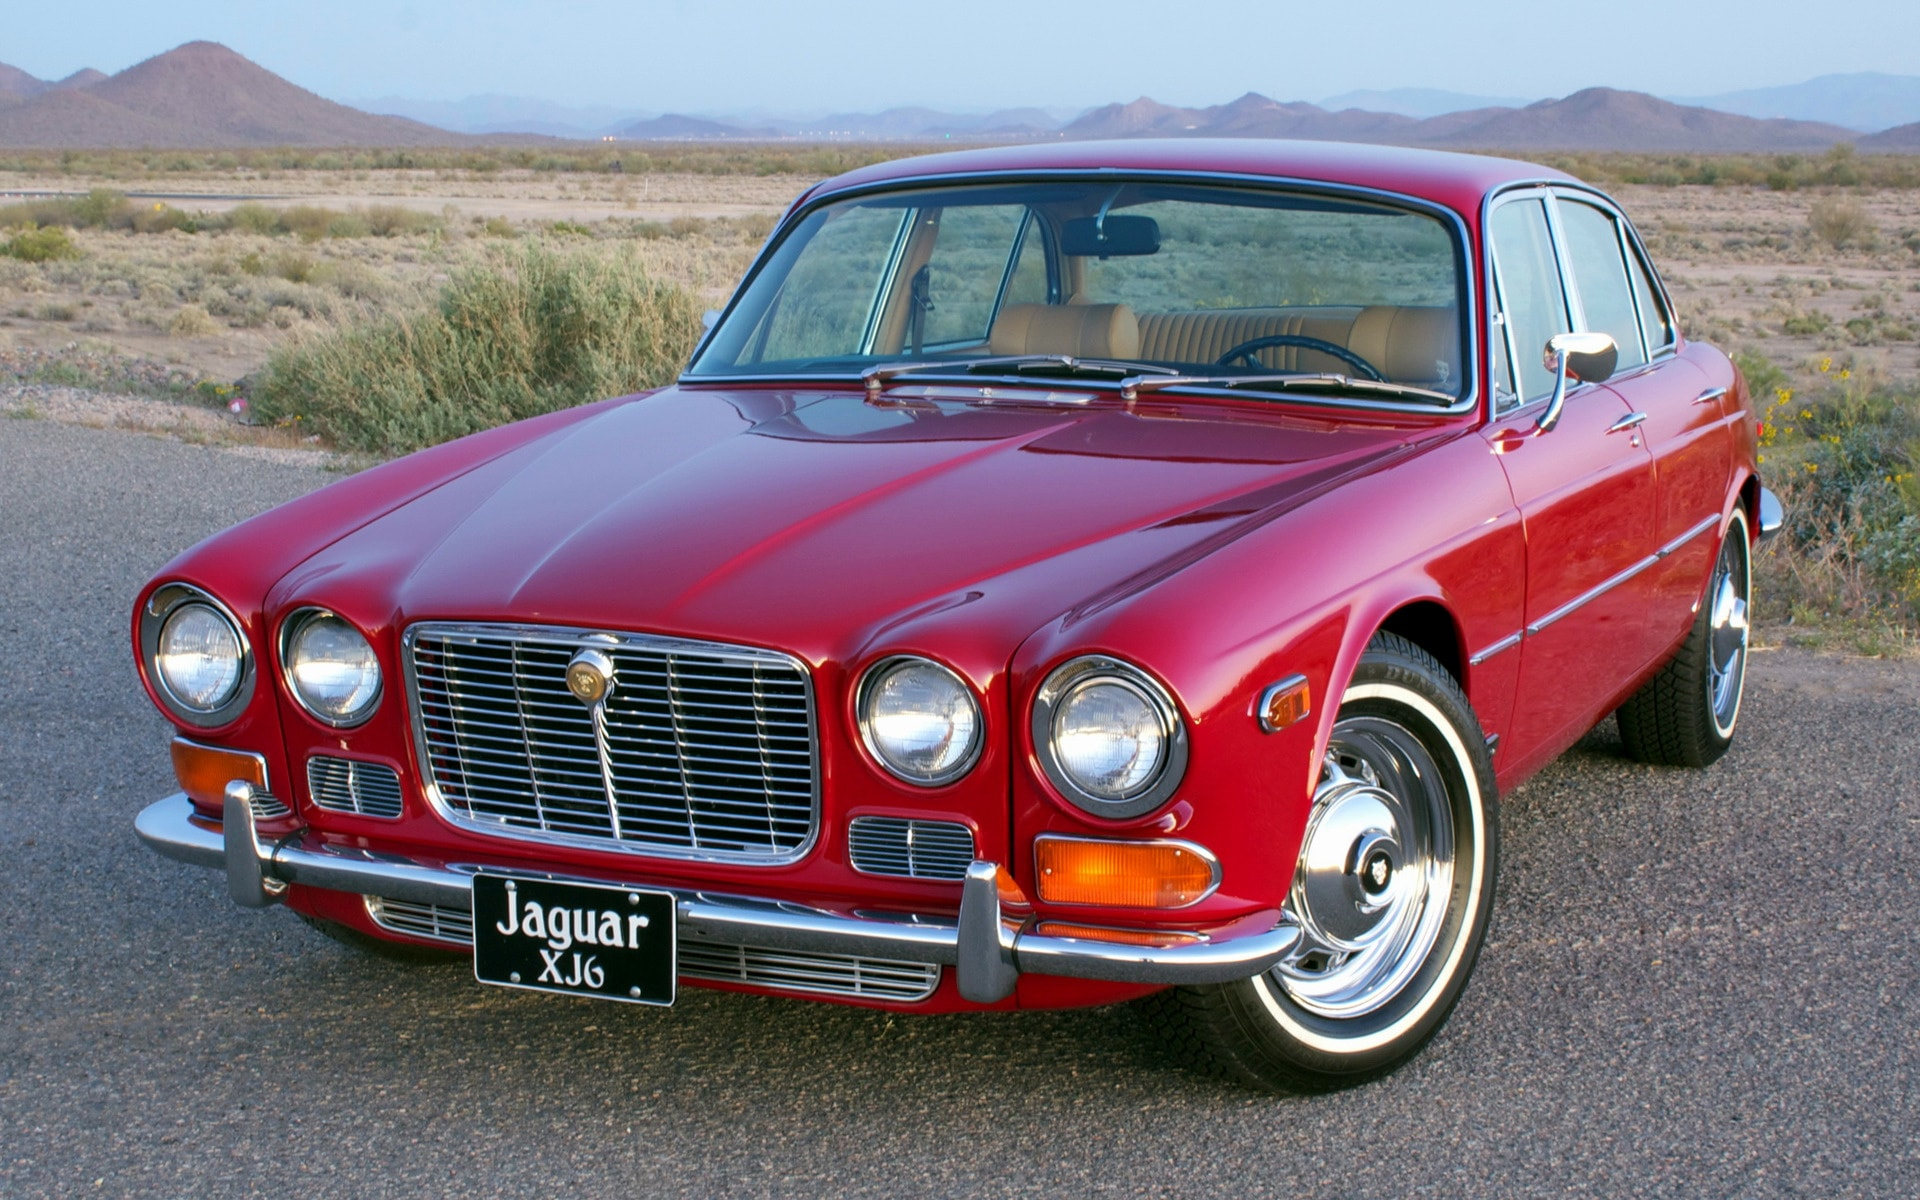 1968 Jaguar XJ6 HD pics